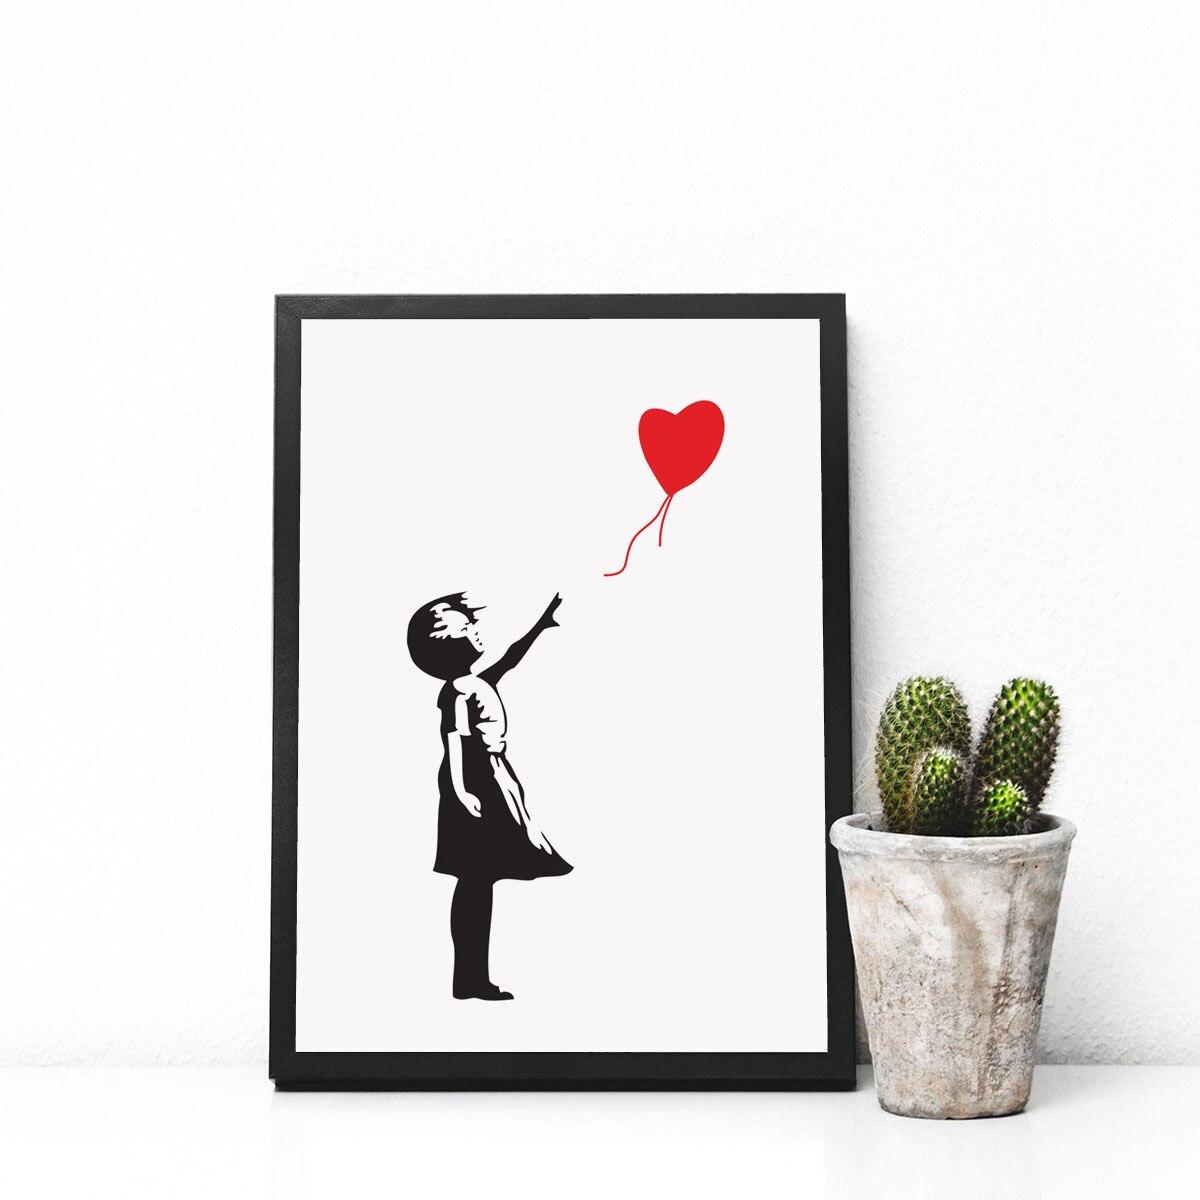 Grafitti art kopen - Banksy Rood Hart Ballon Meisje Wapens Graffiti Art Poster Hart Vormige Ballon Wall Art Nursery Art